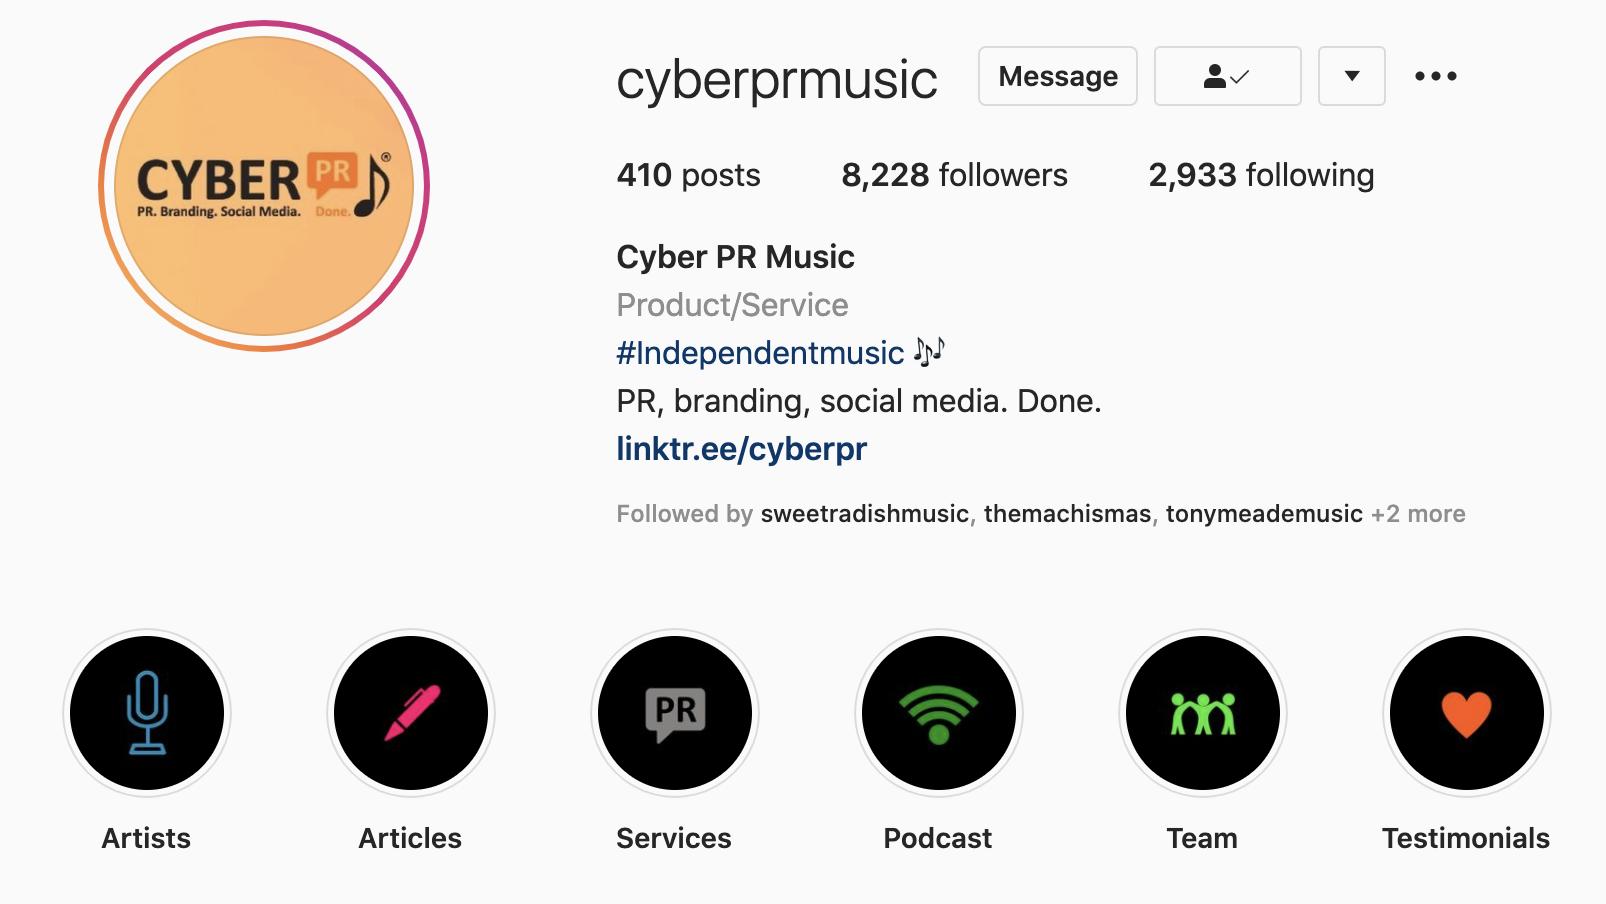 cyber pr music